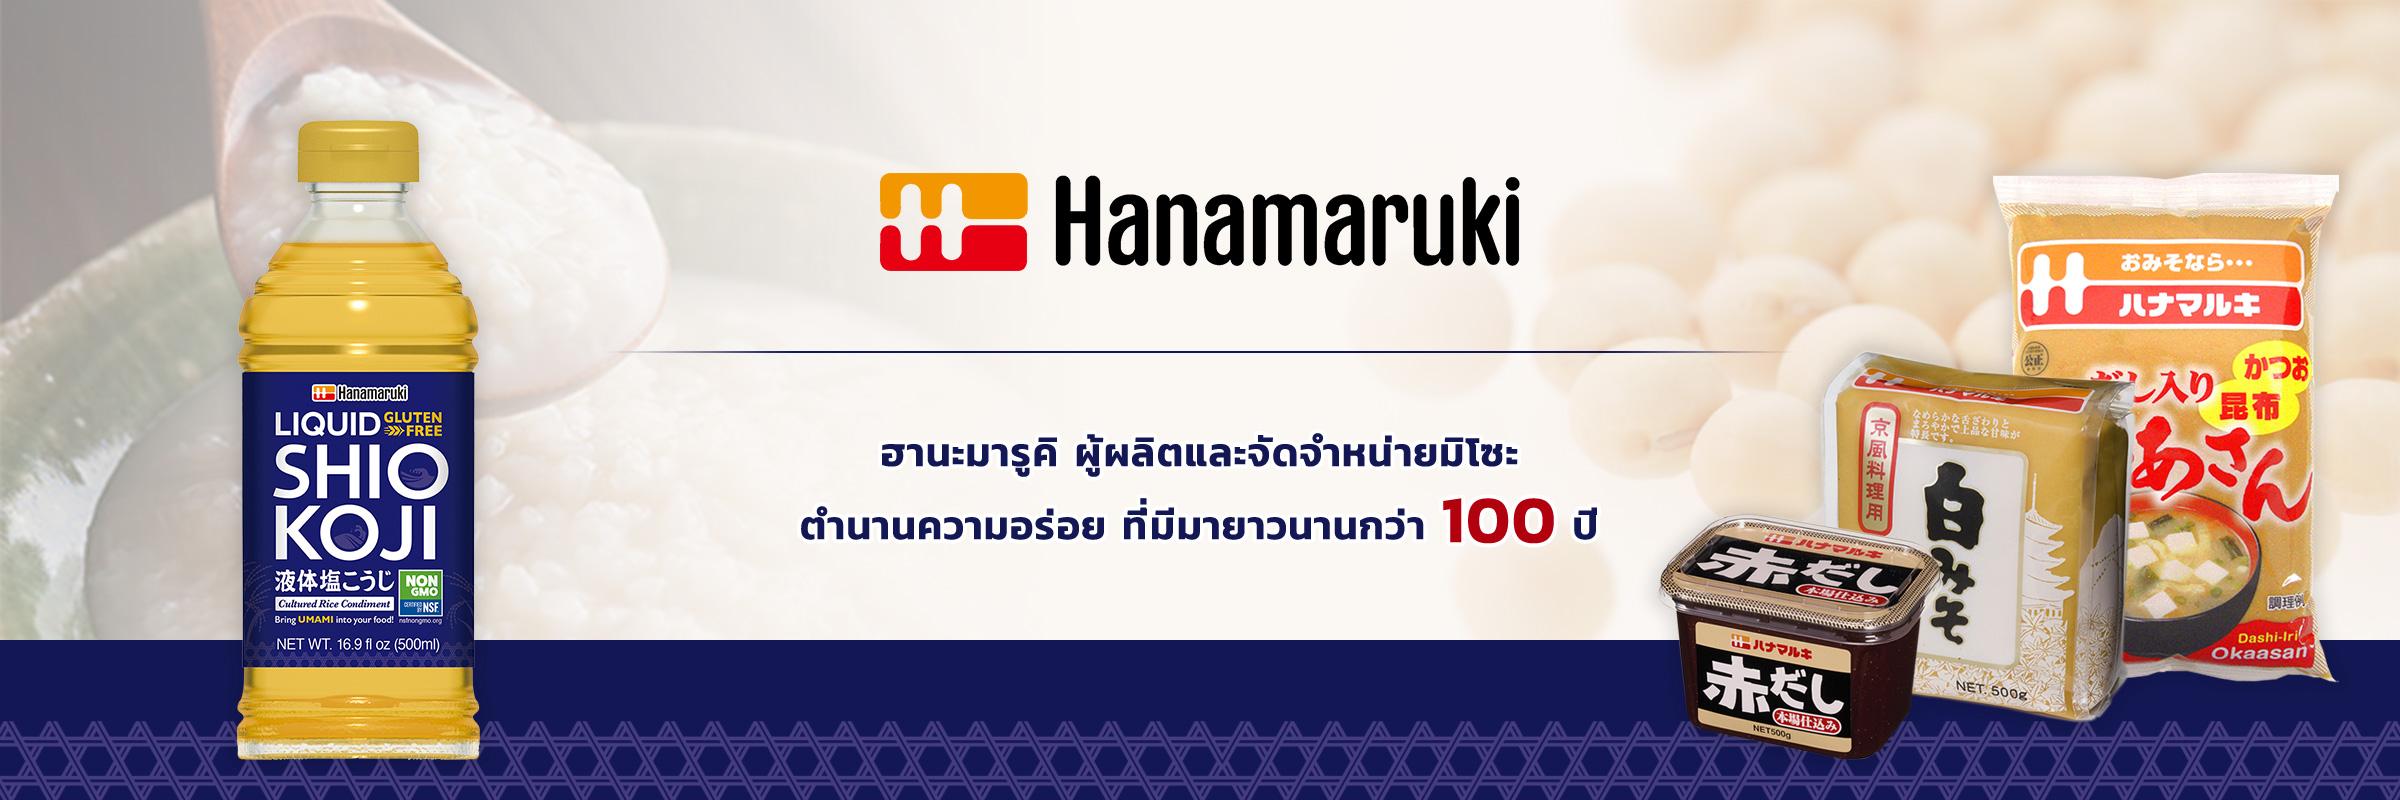 LIQUID SHIO KOJI is Hanamaruki